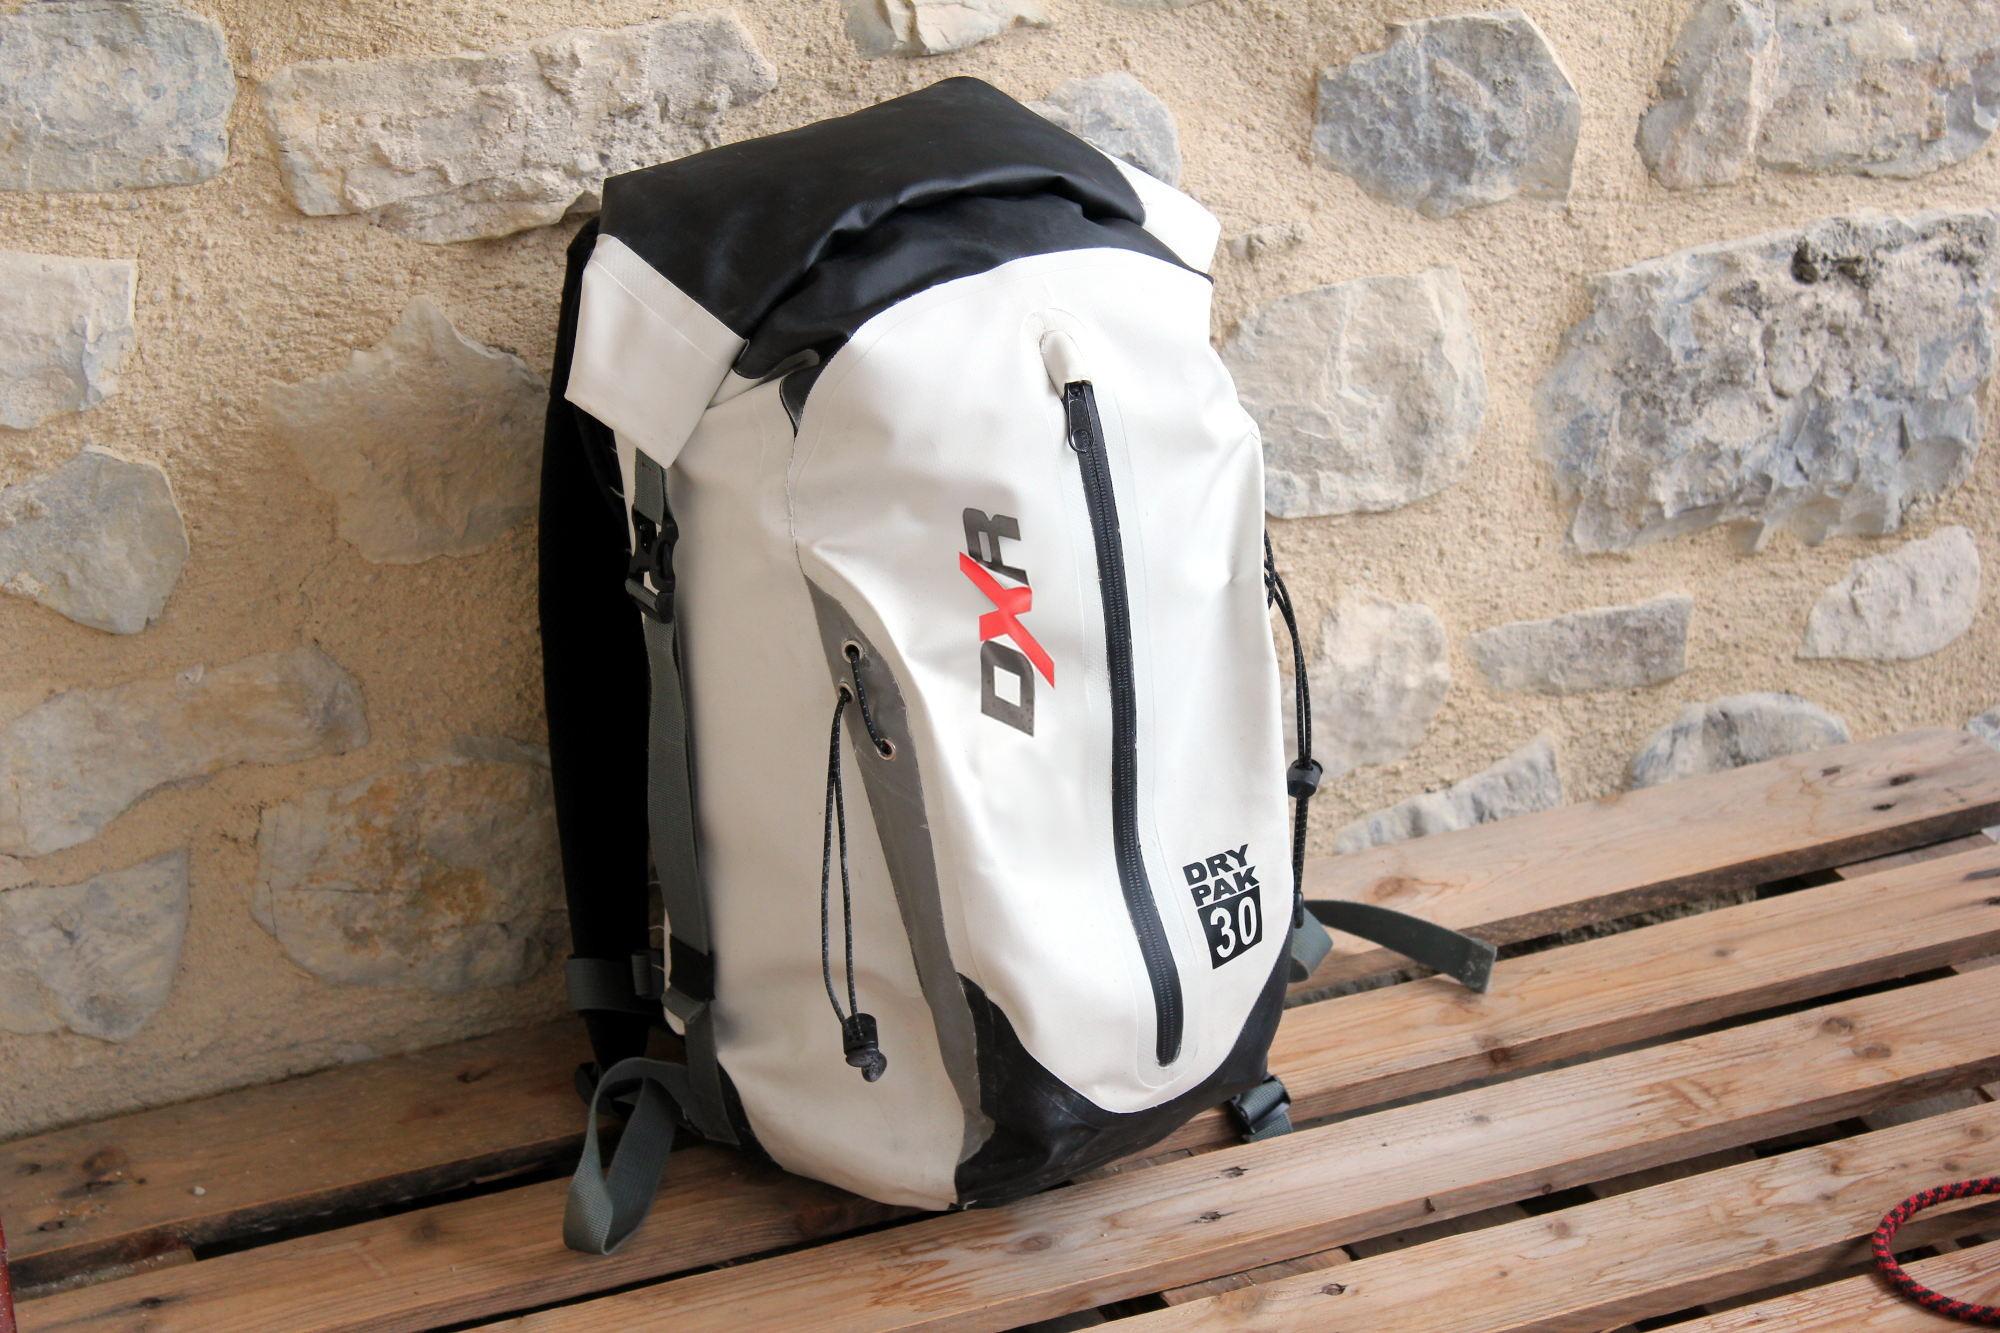 La mochila para moto DXR Over-Craft 30: ¡una apuesta segura!